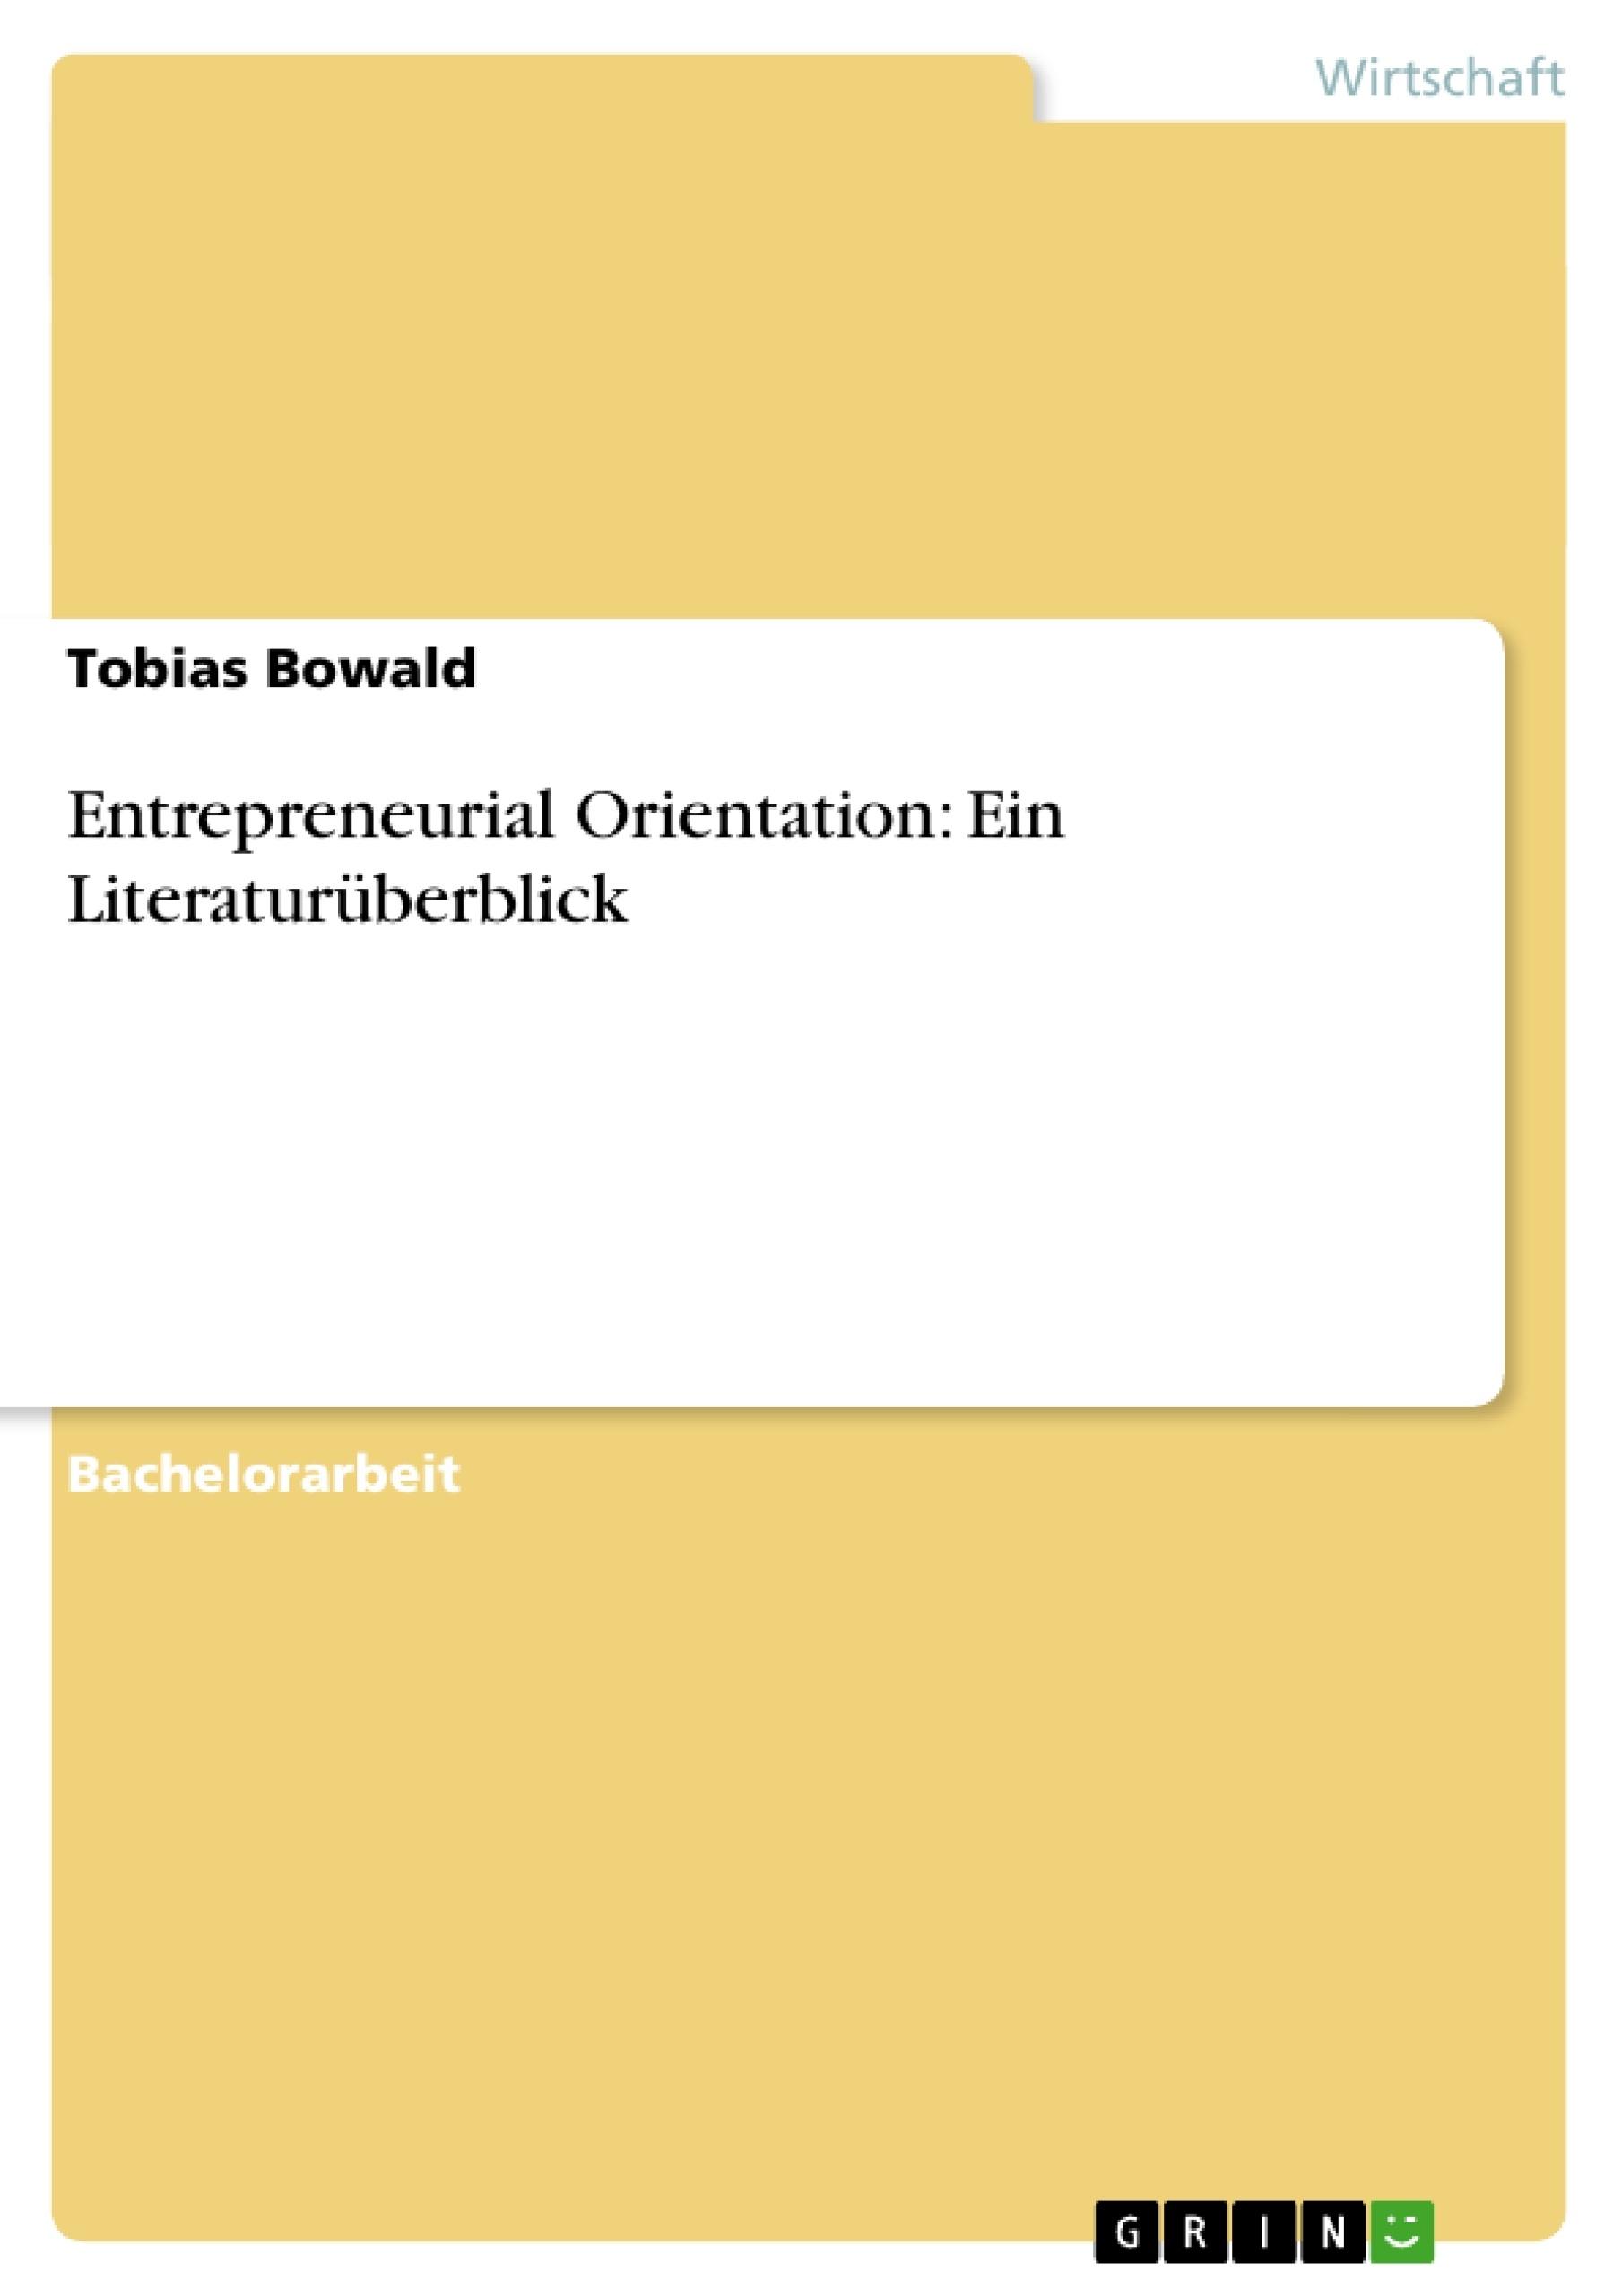 Titel: Entrepreneurial Orientation: Ein Literaturüberblick